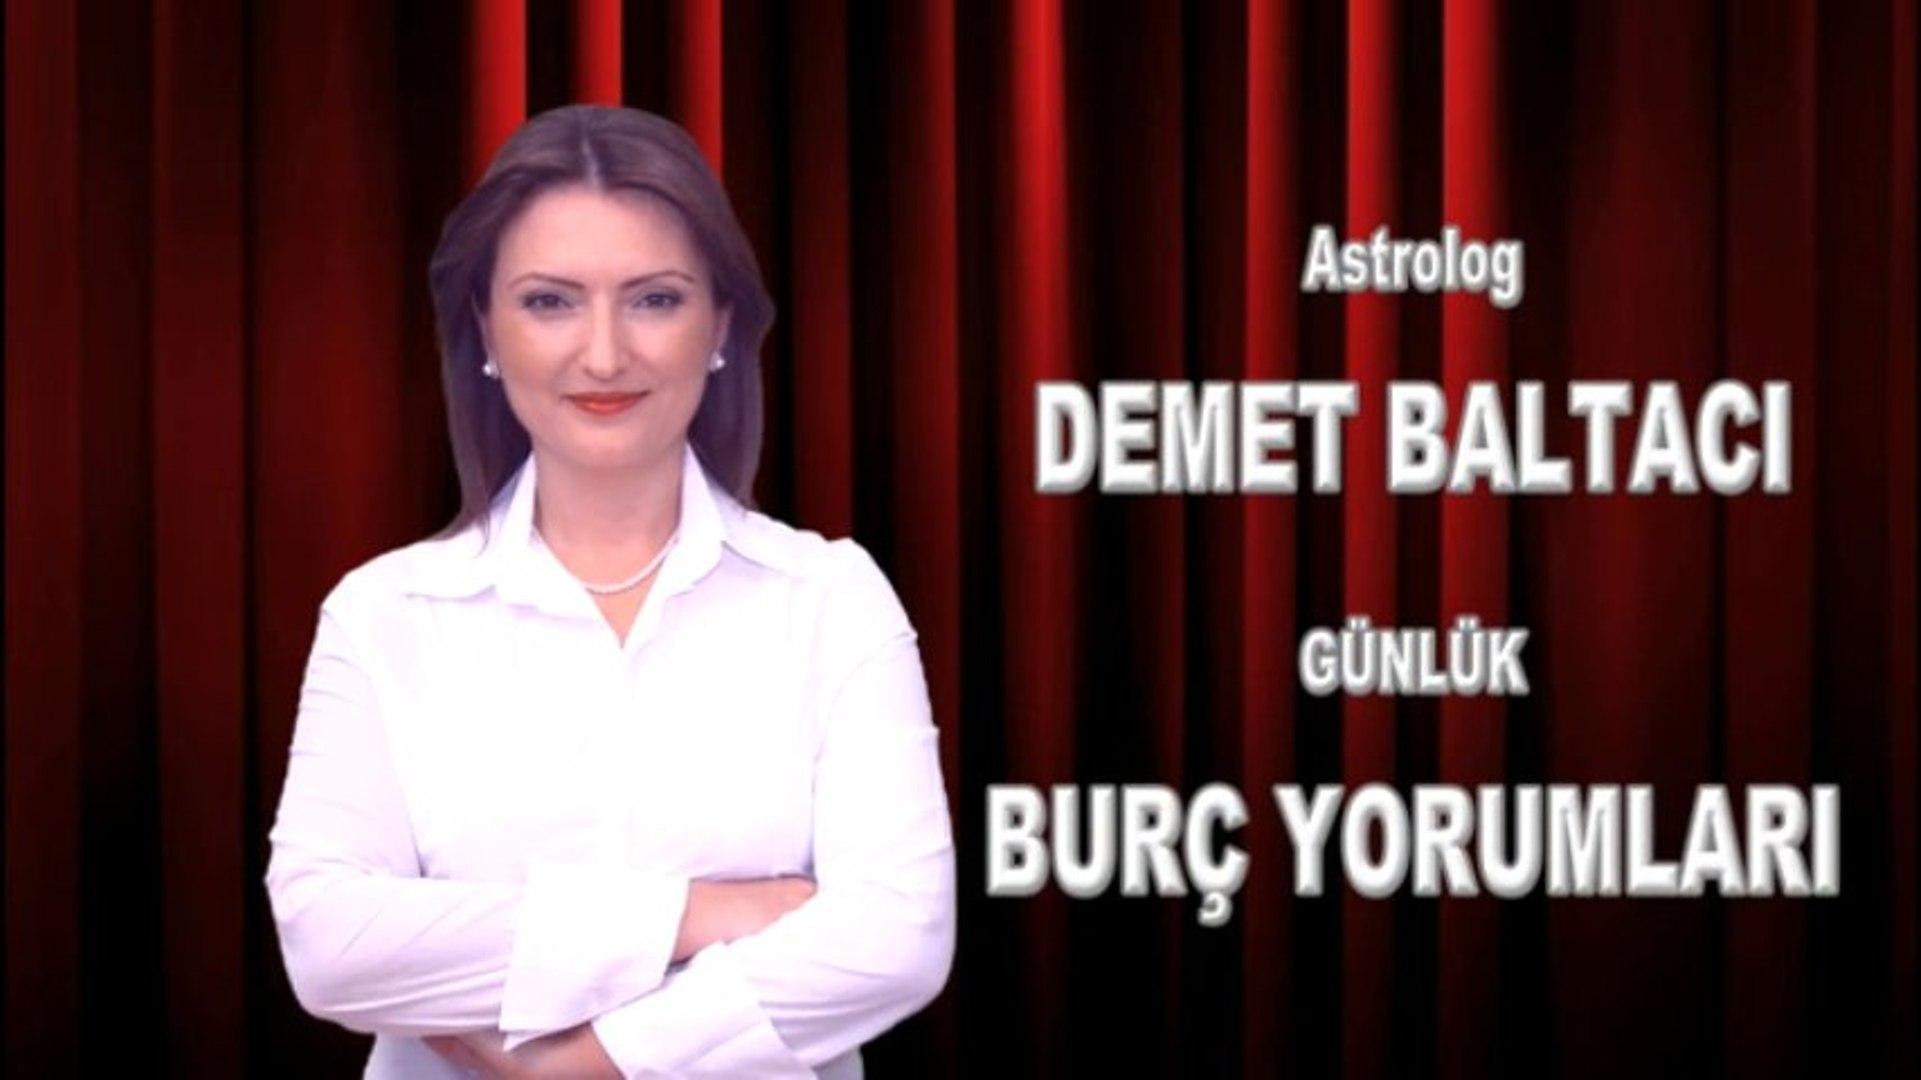 AKREP Burç Yorumu 16 Ağustos 2013 Astrolog DEMET BALTACI - Bilinç Okulu  ( Astroloji, astrolgy, horo